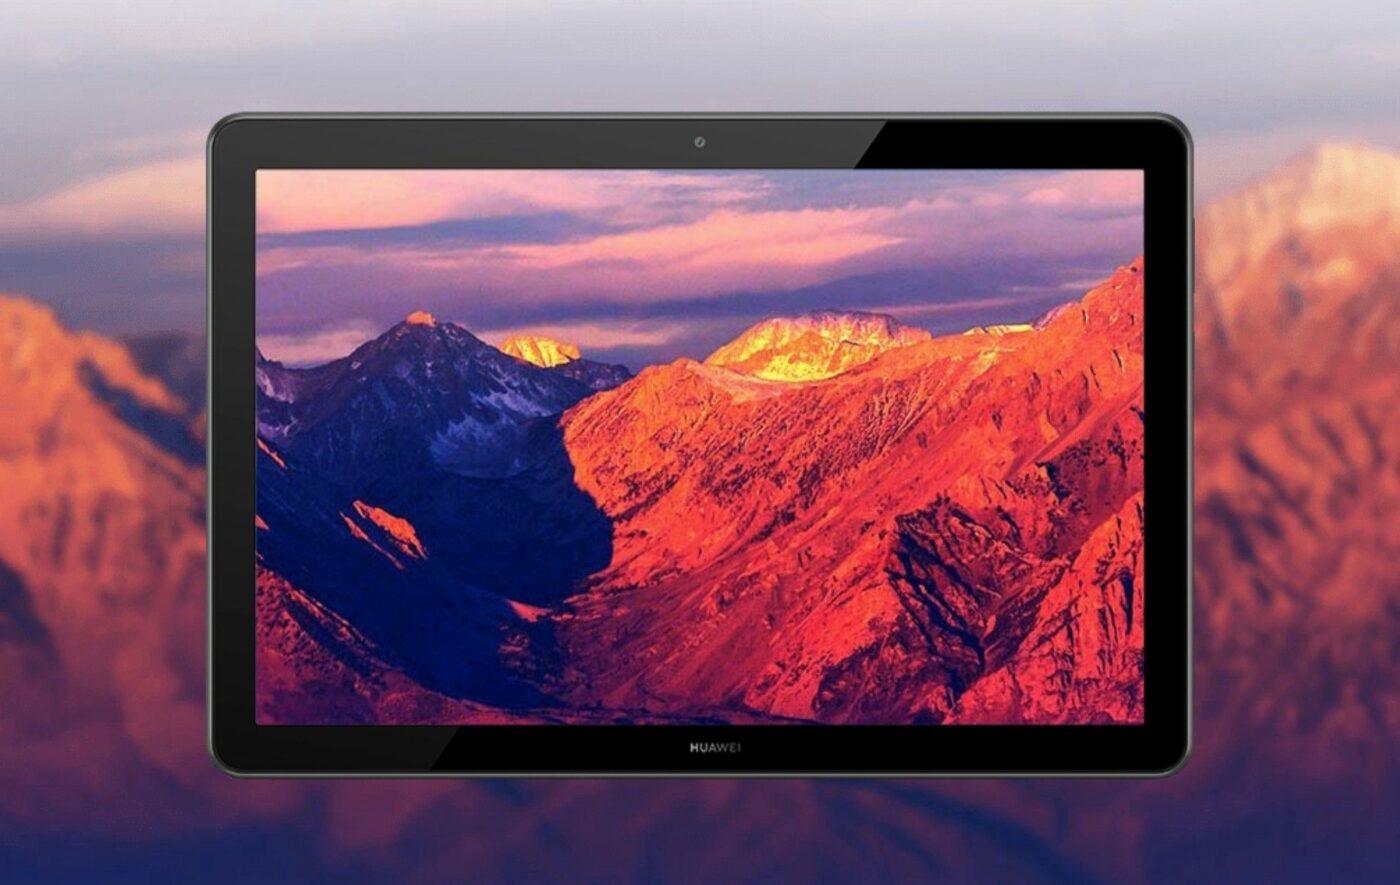 Huawei T5 3